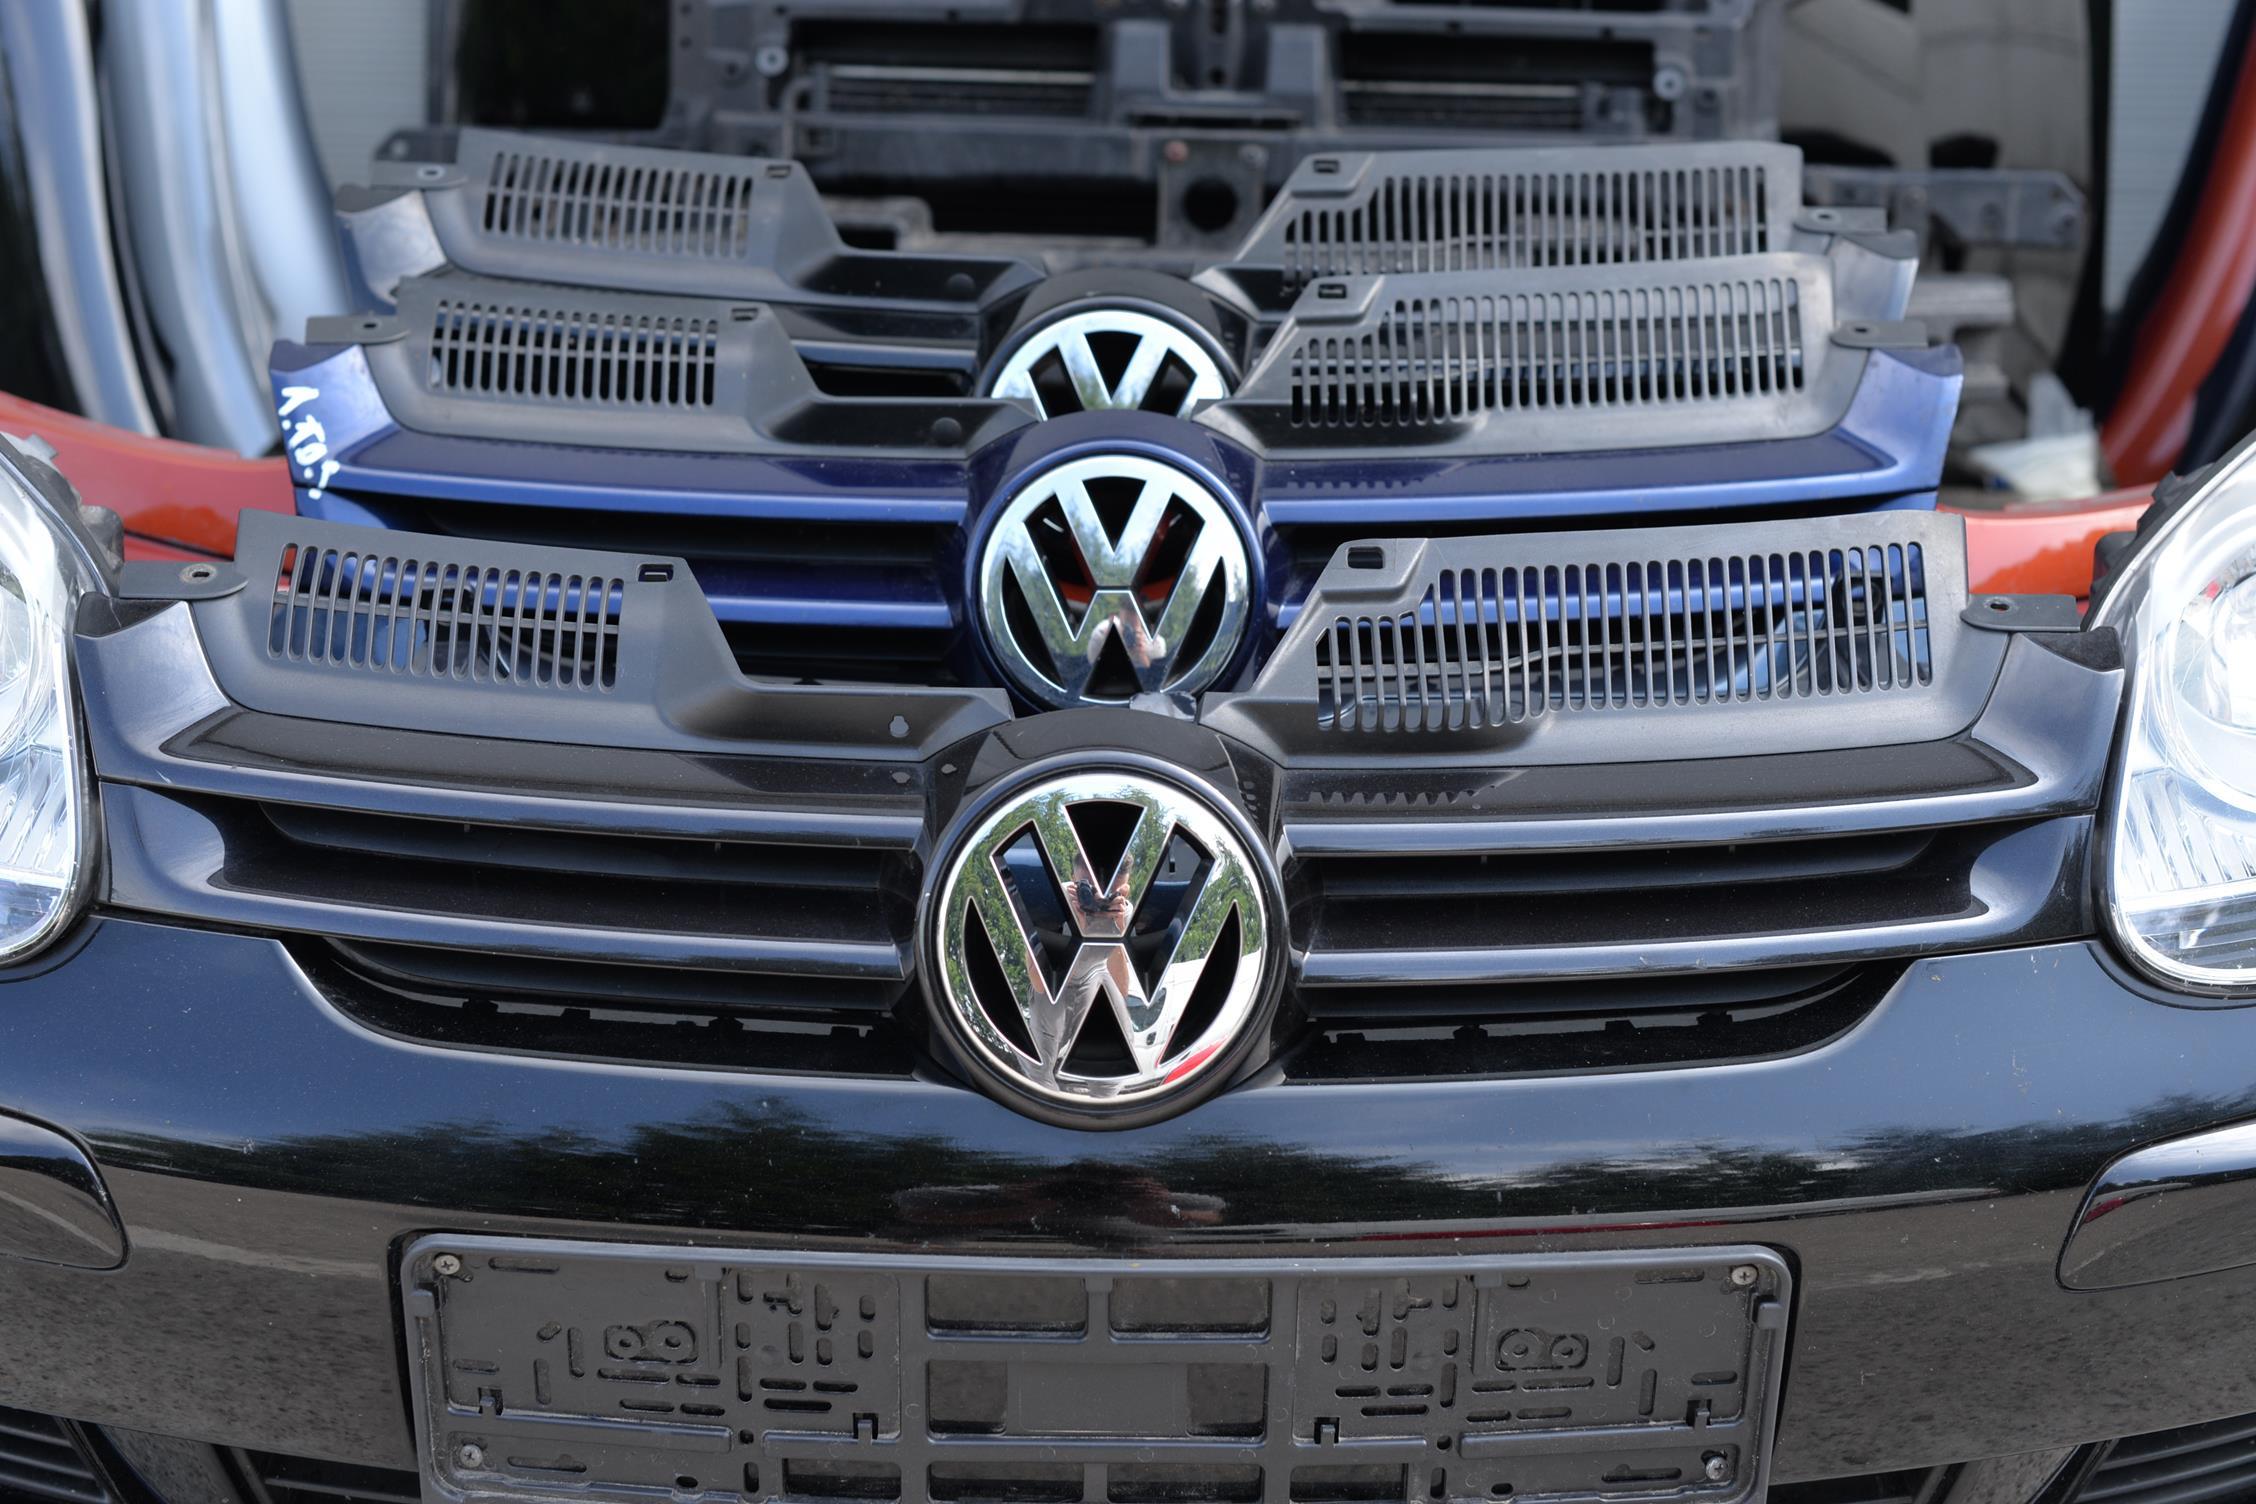 [КАПОТ ZDERZAK КРЫЛО PAS REFLEKTOR VW GOLF V 5 из Польши]изображение 6